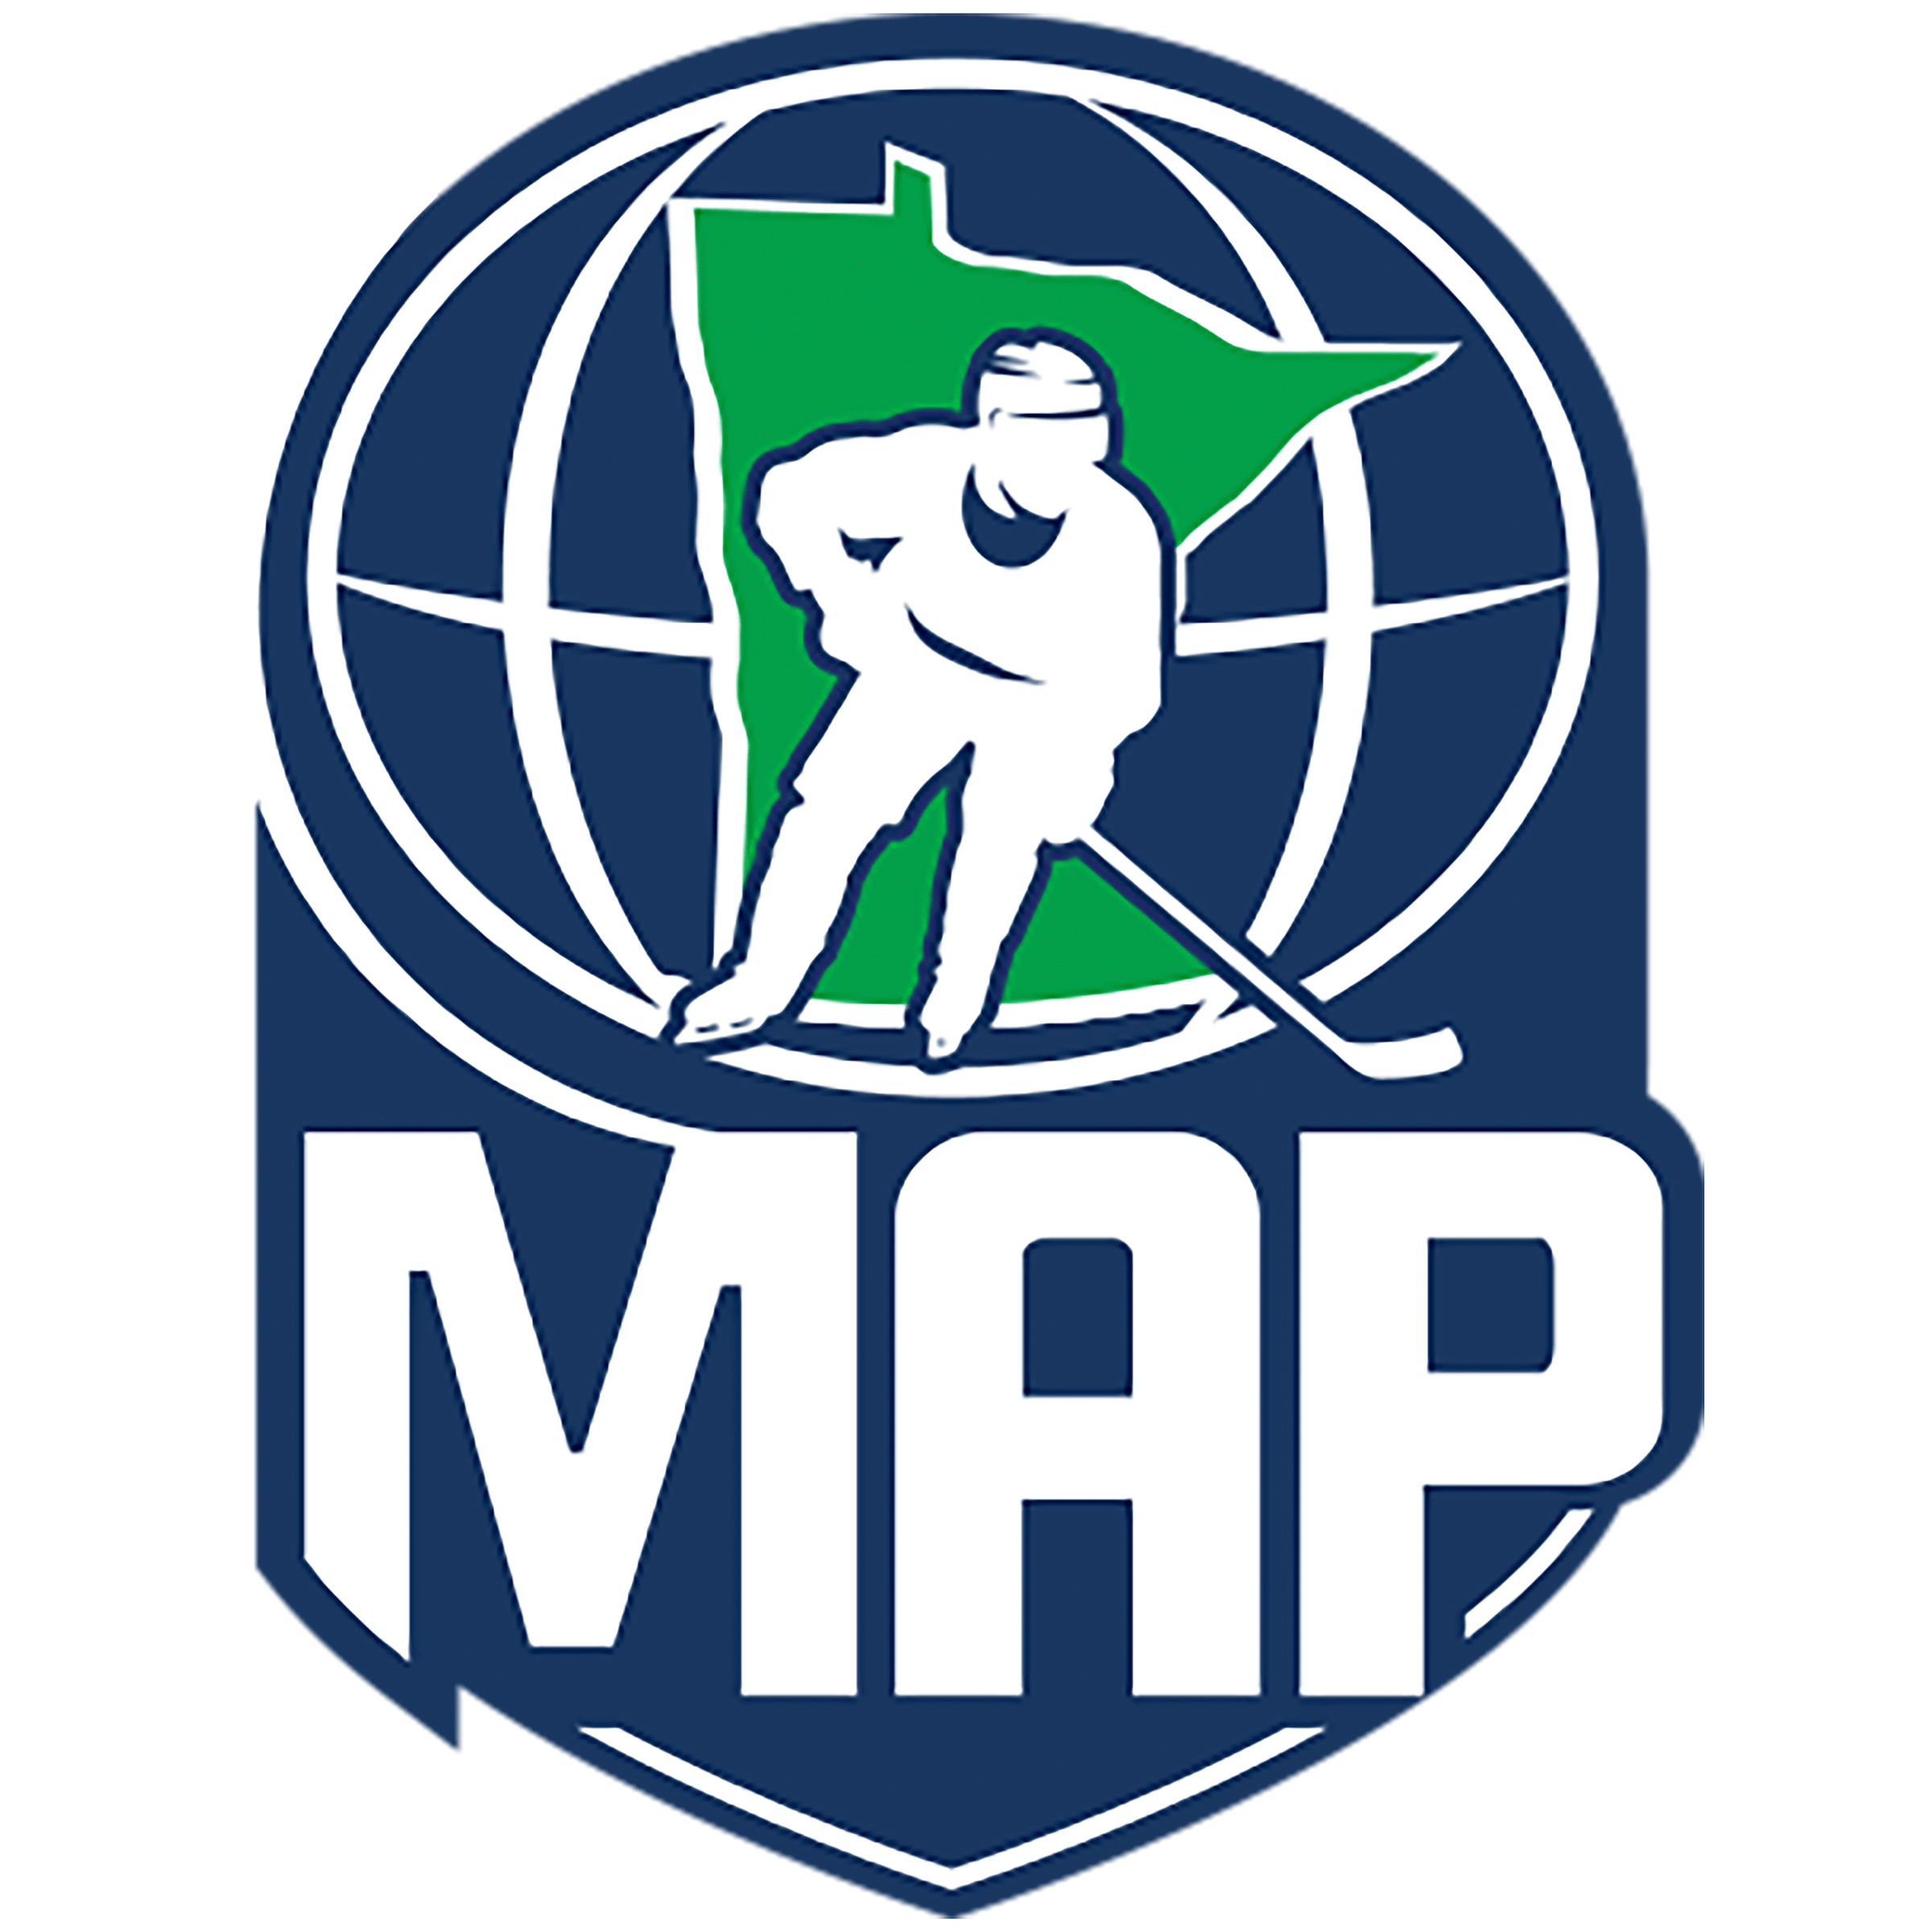 MAP-LOGO-WT-OUTLINE.png